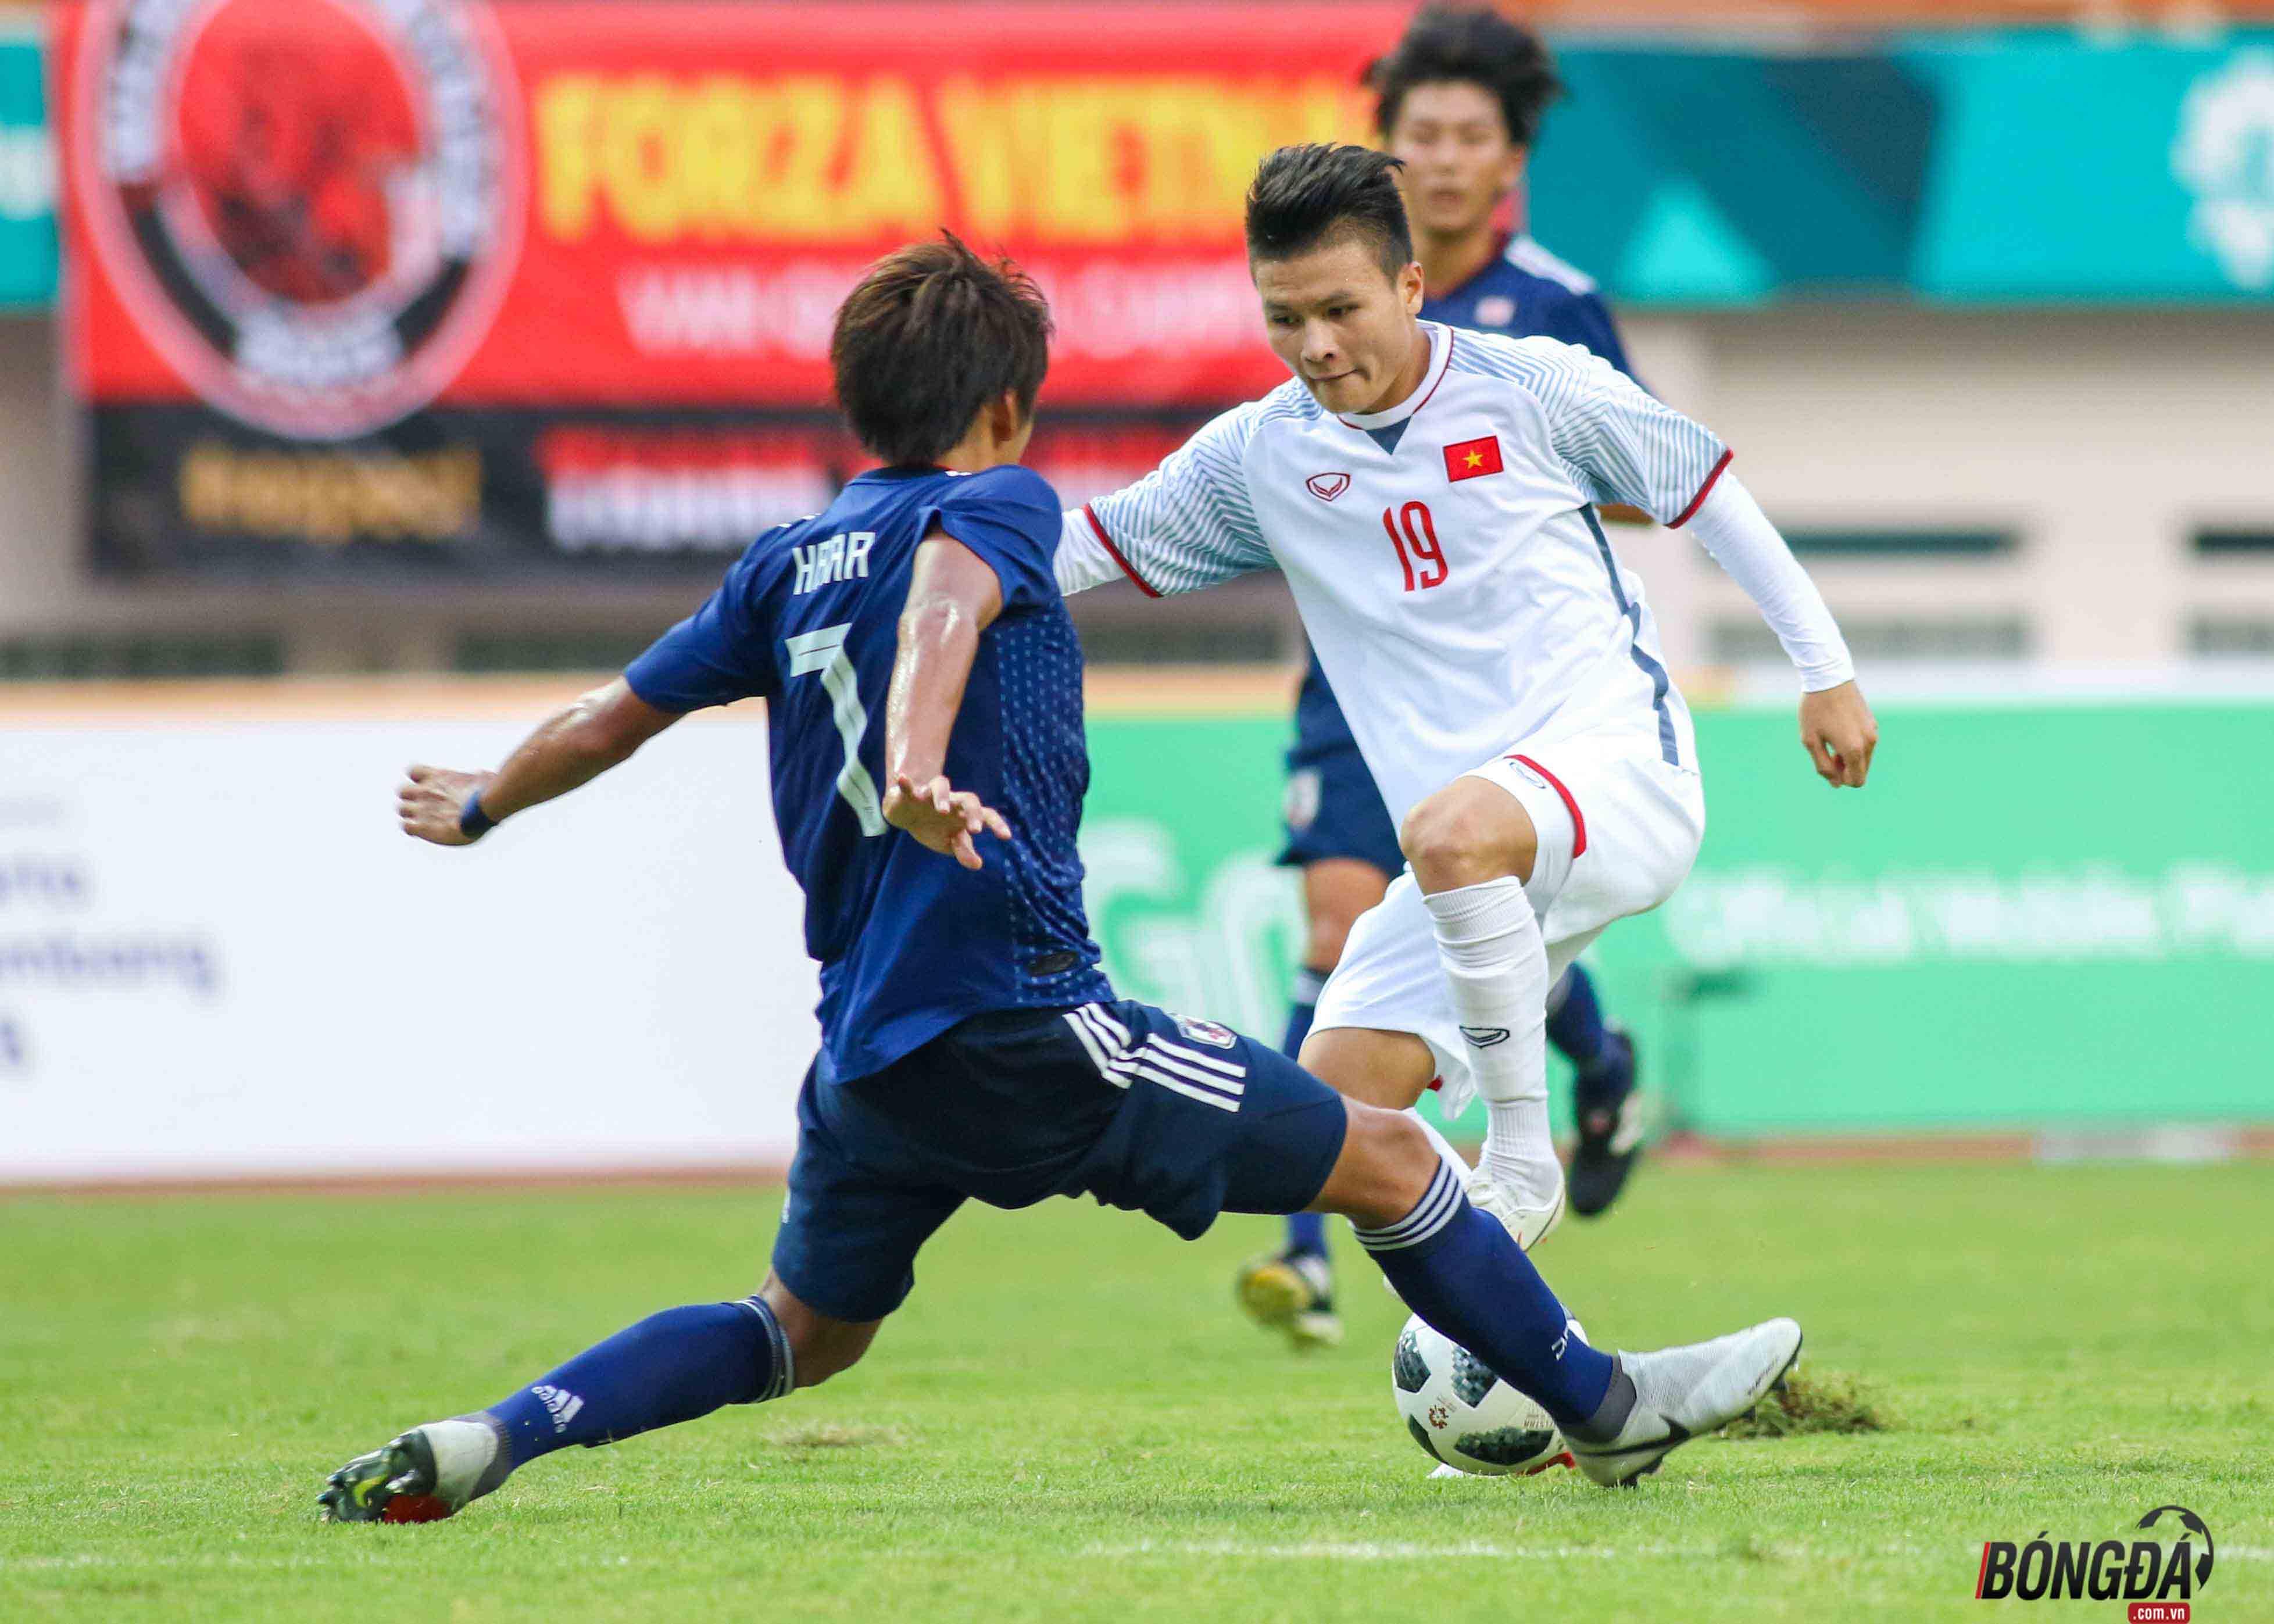 19h30 ngày 27/8, U23 Việt Nam vs U23 Syria: Thầy trò Park Hang-seo viết tiếp lịch sử tại ASIAD 2018 - Bóng Đá